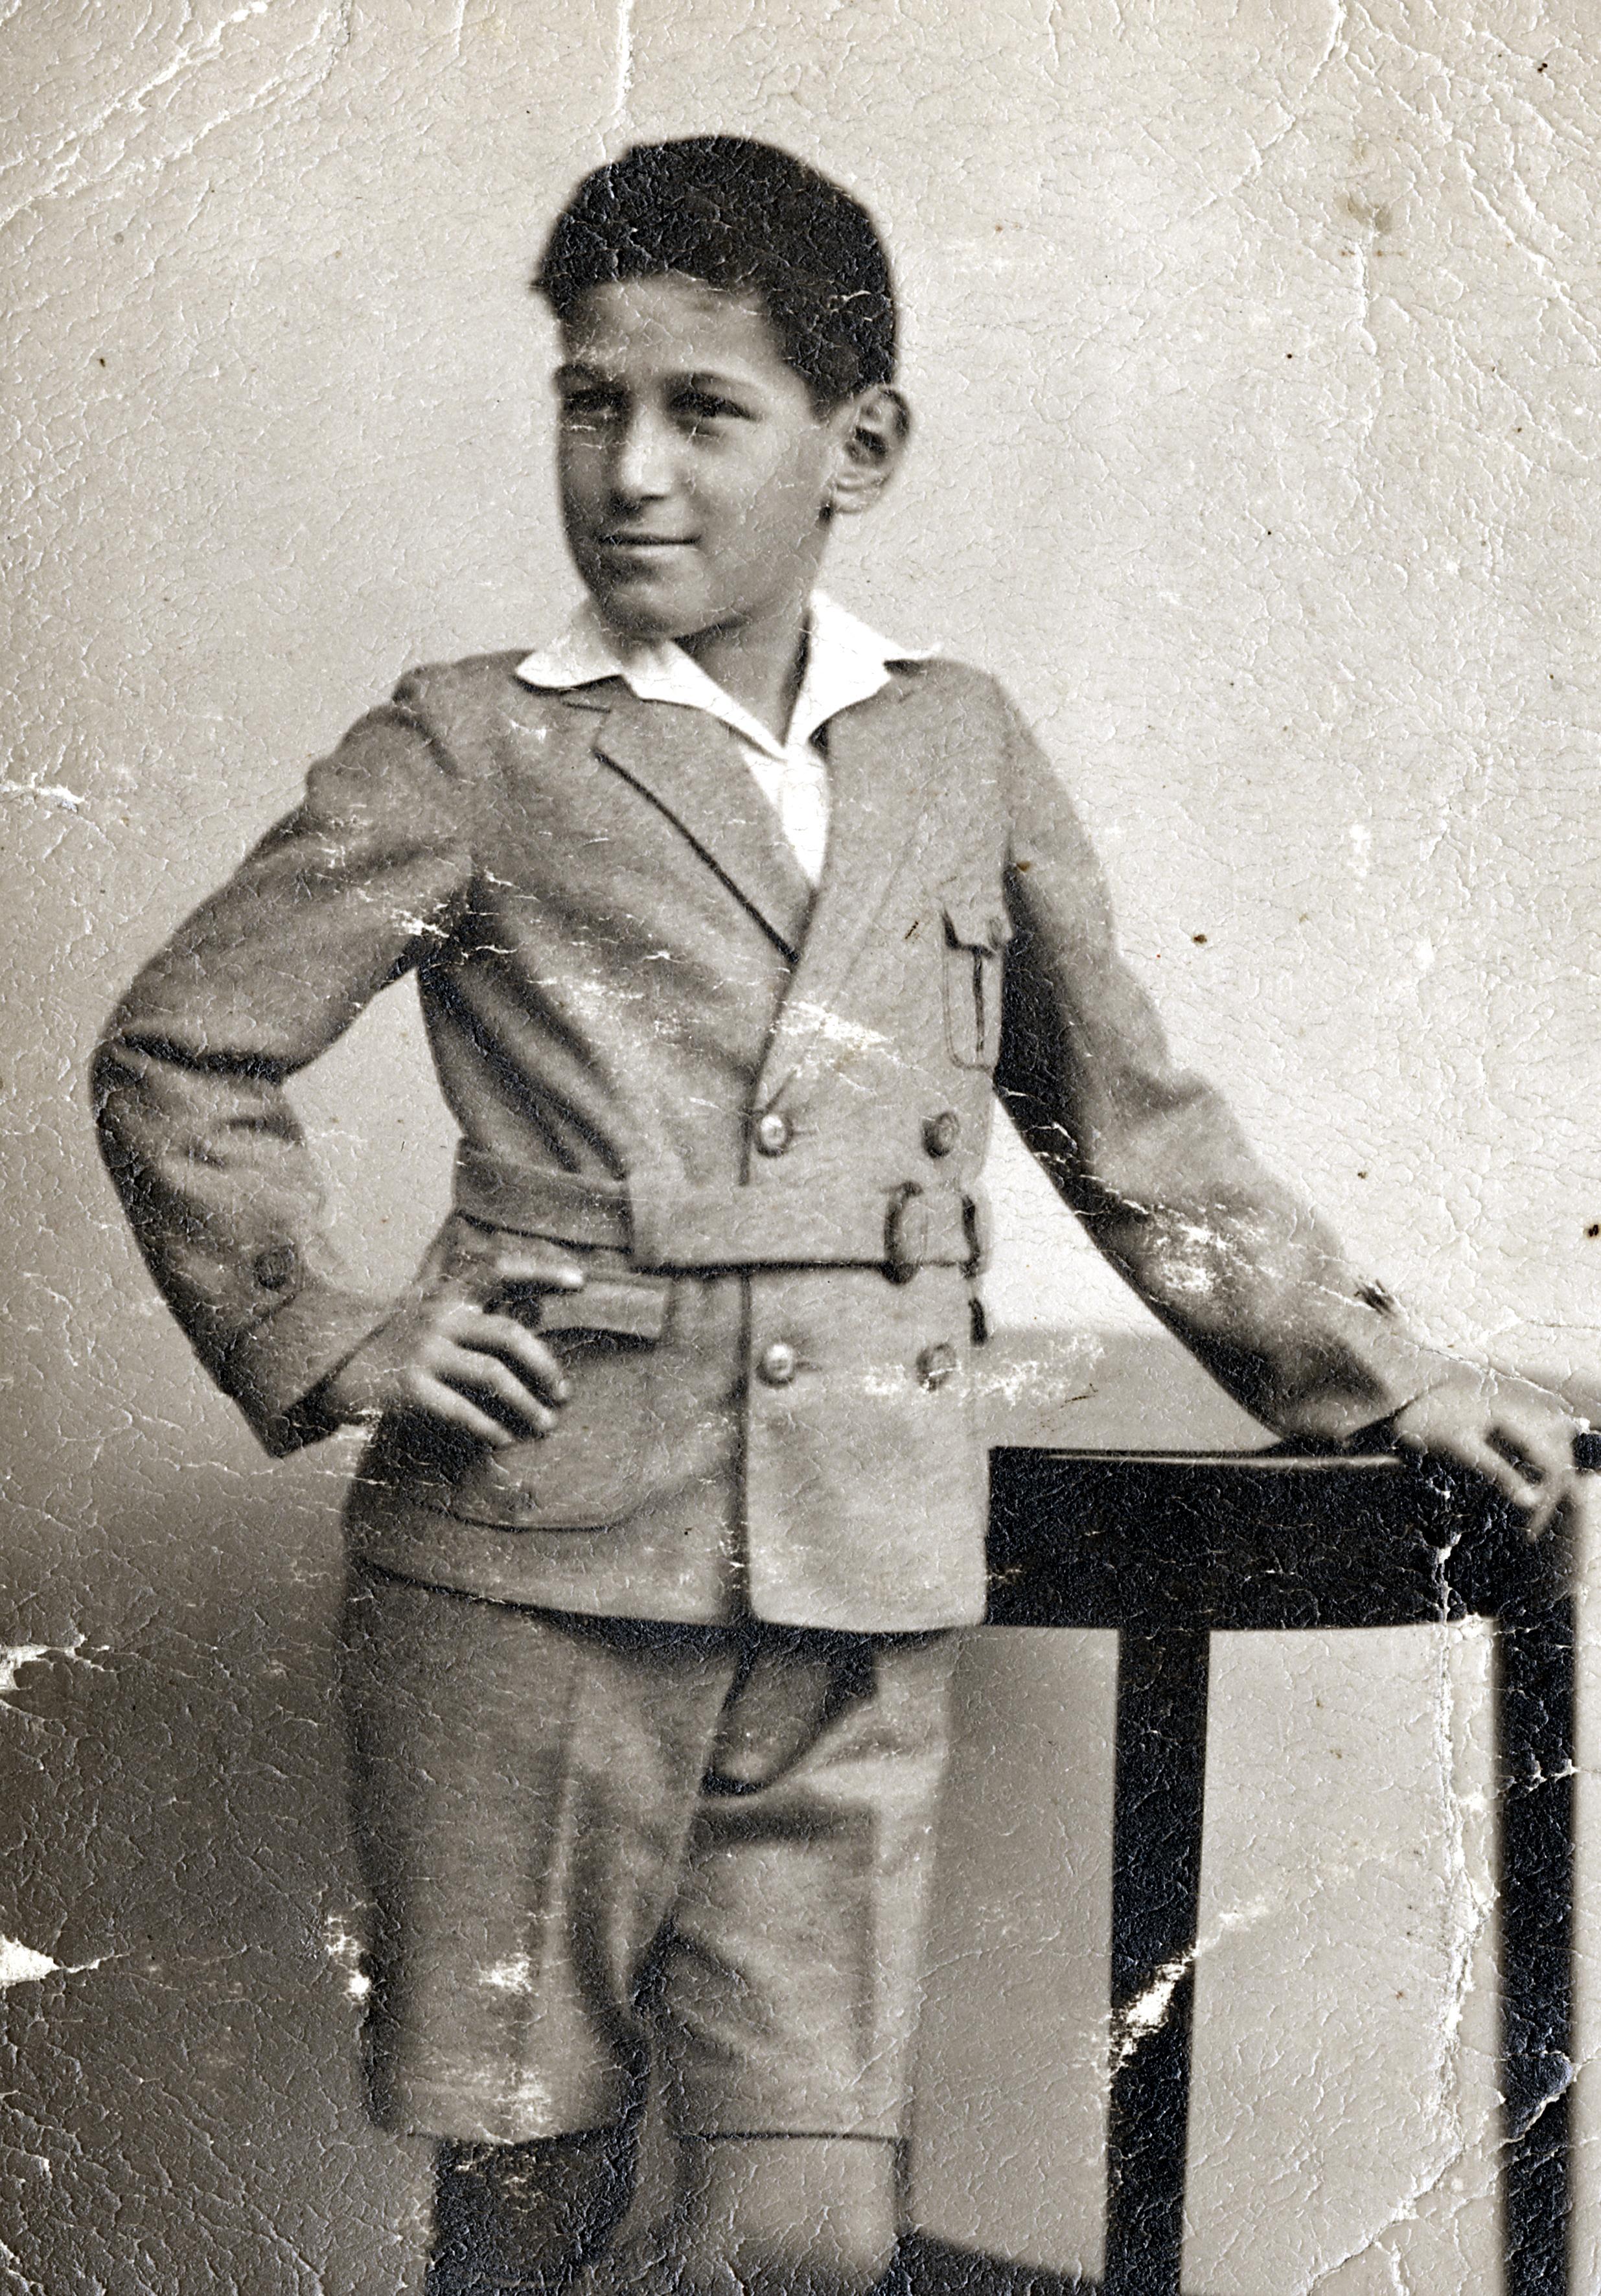 Peter Scheuer als Schulkind